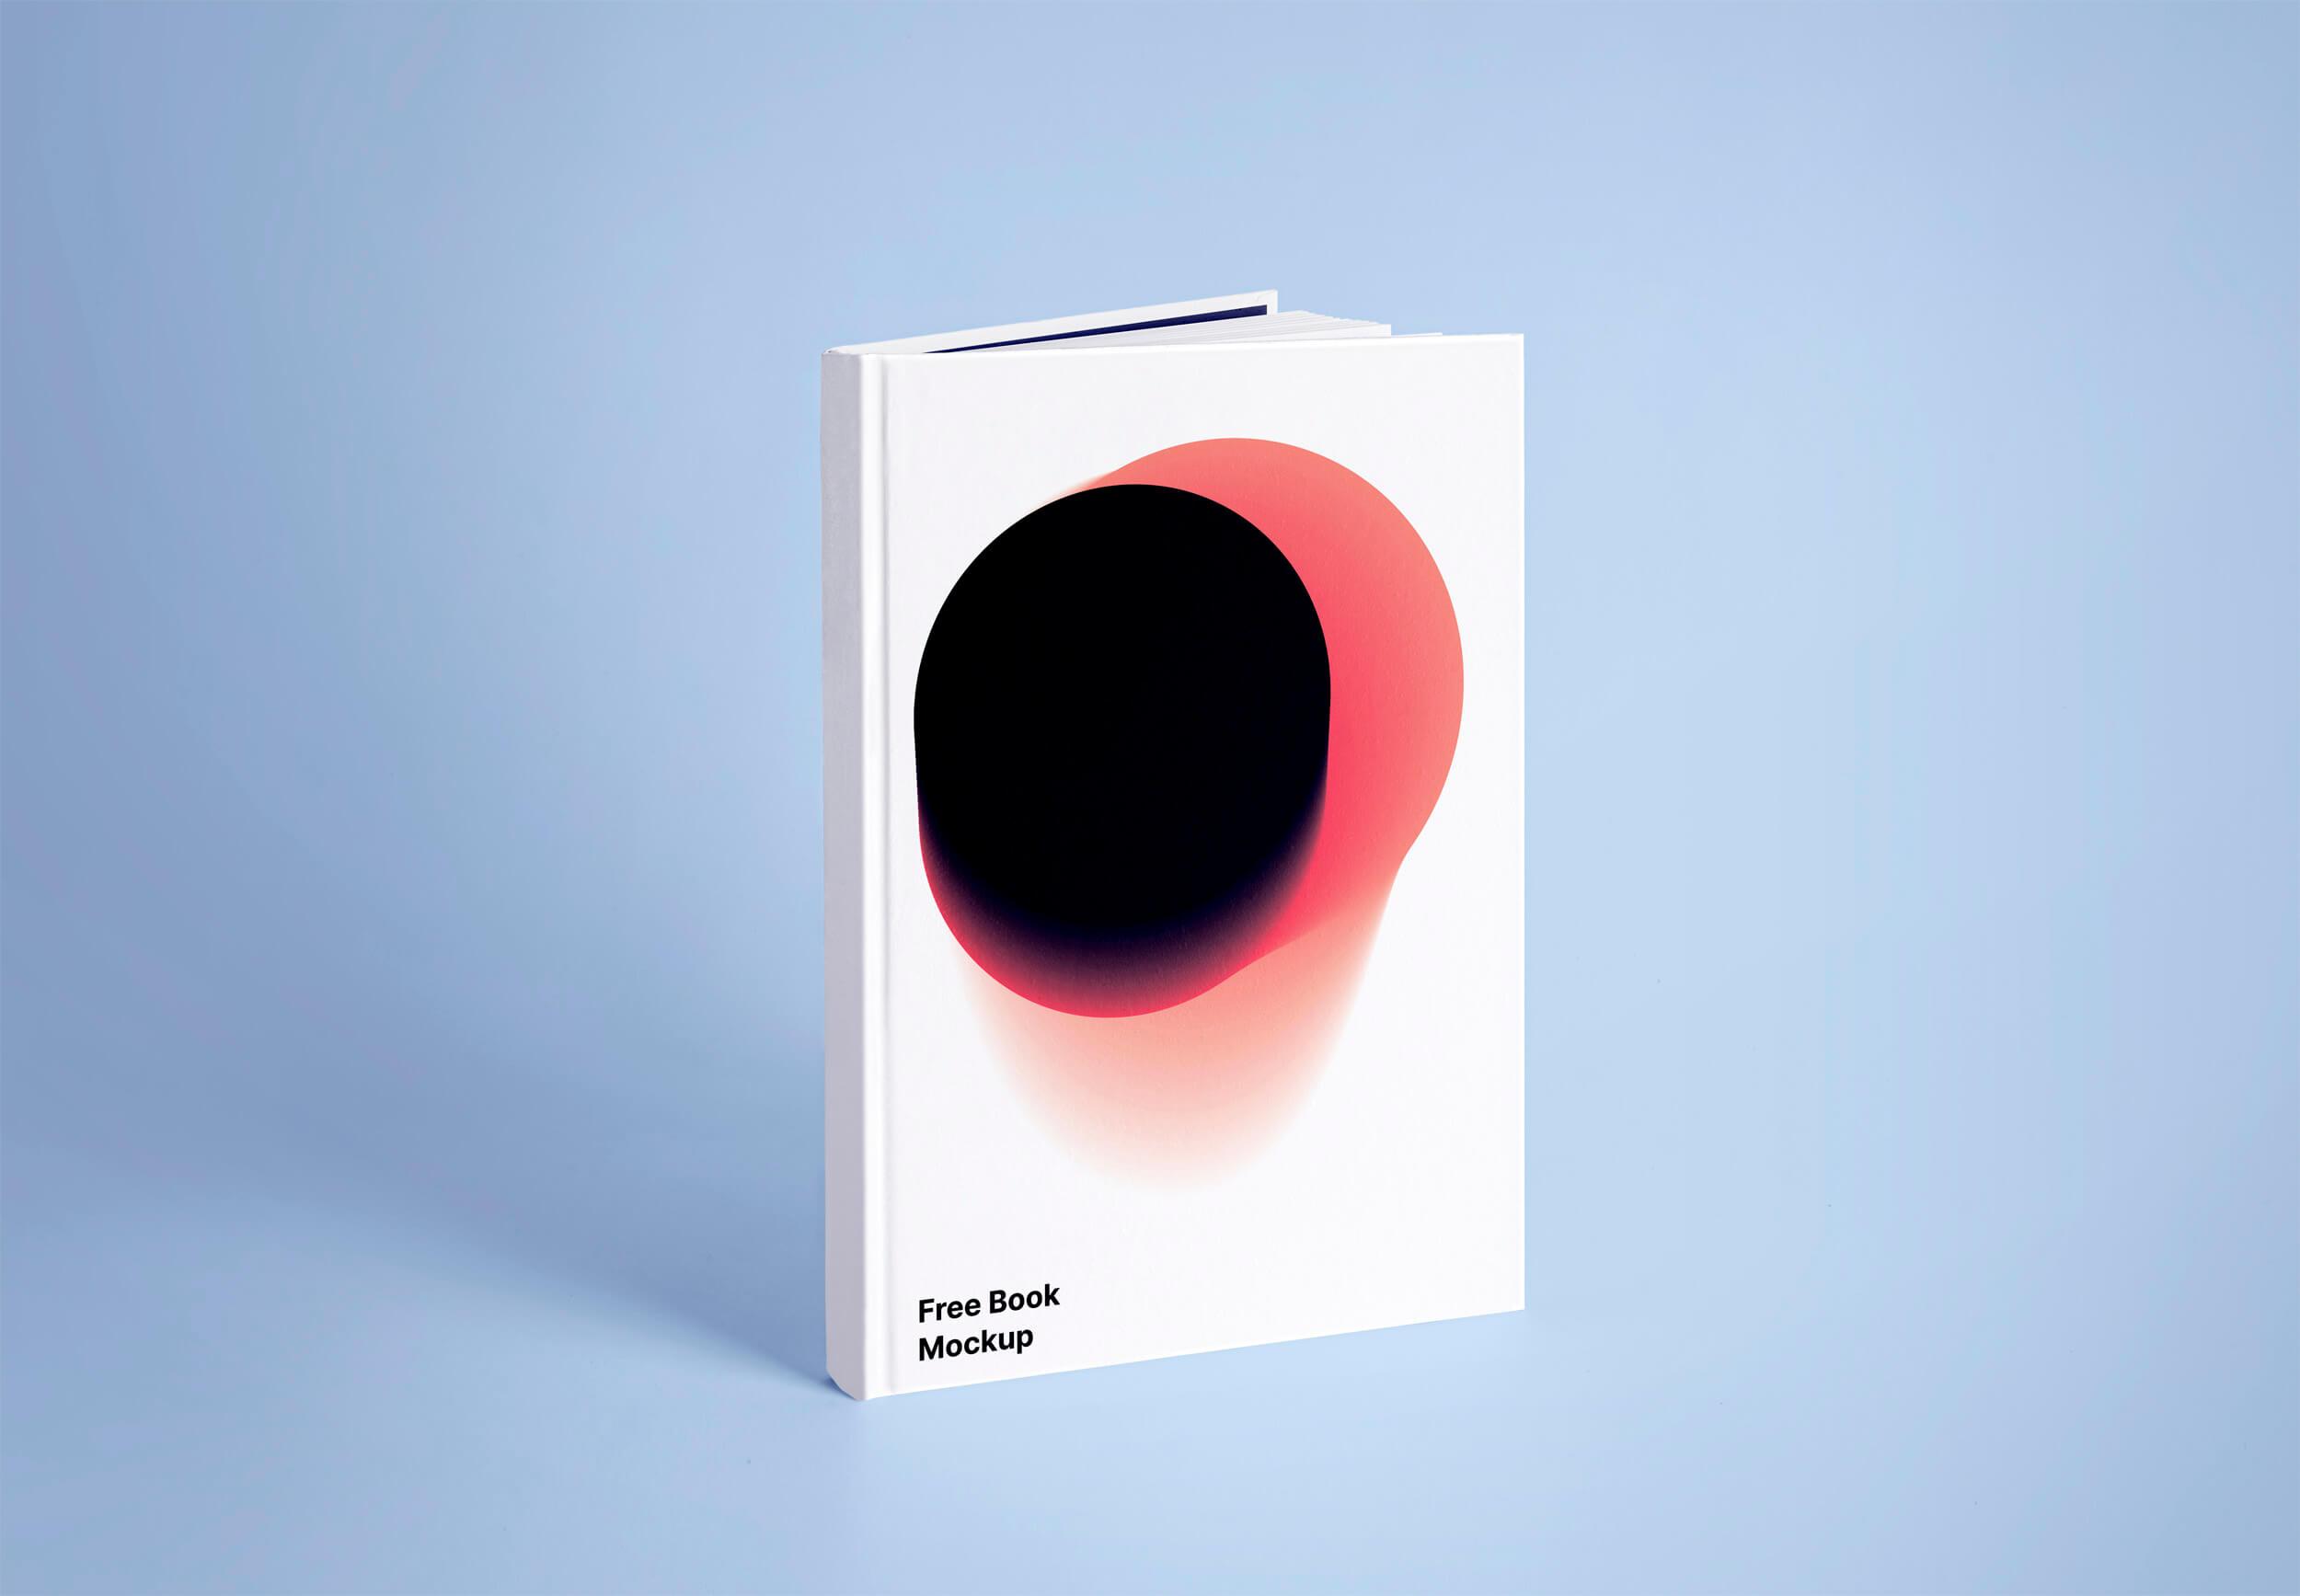 超真实精装书封面设计展示效果样机模板 Book Mockup插图